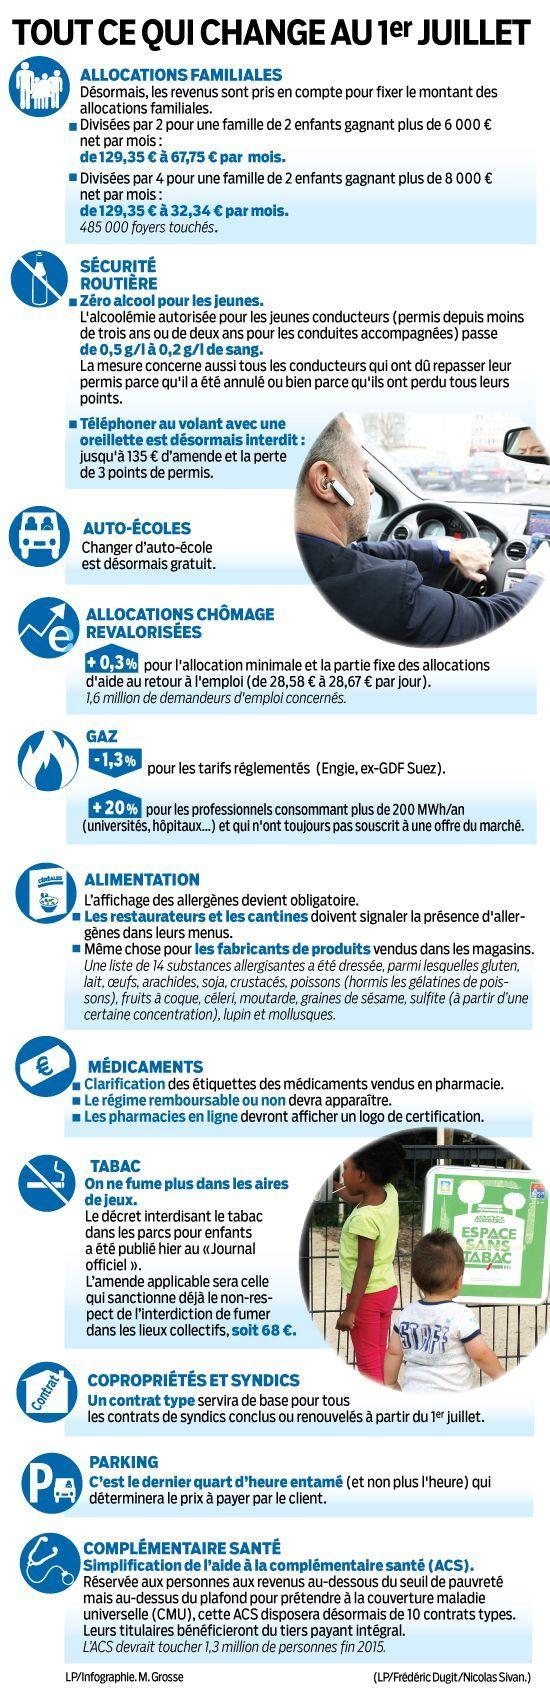 http://www.leparisien.fr/economie/infographie-allocations-oreillettes-prix-du-gaz-ce-qui-change-au-1er-juillet-01-07-2015-4909927.php